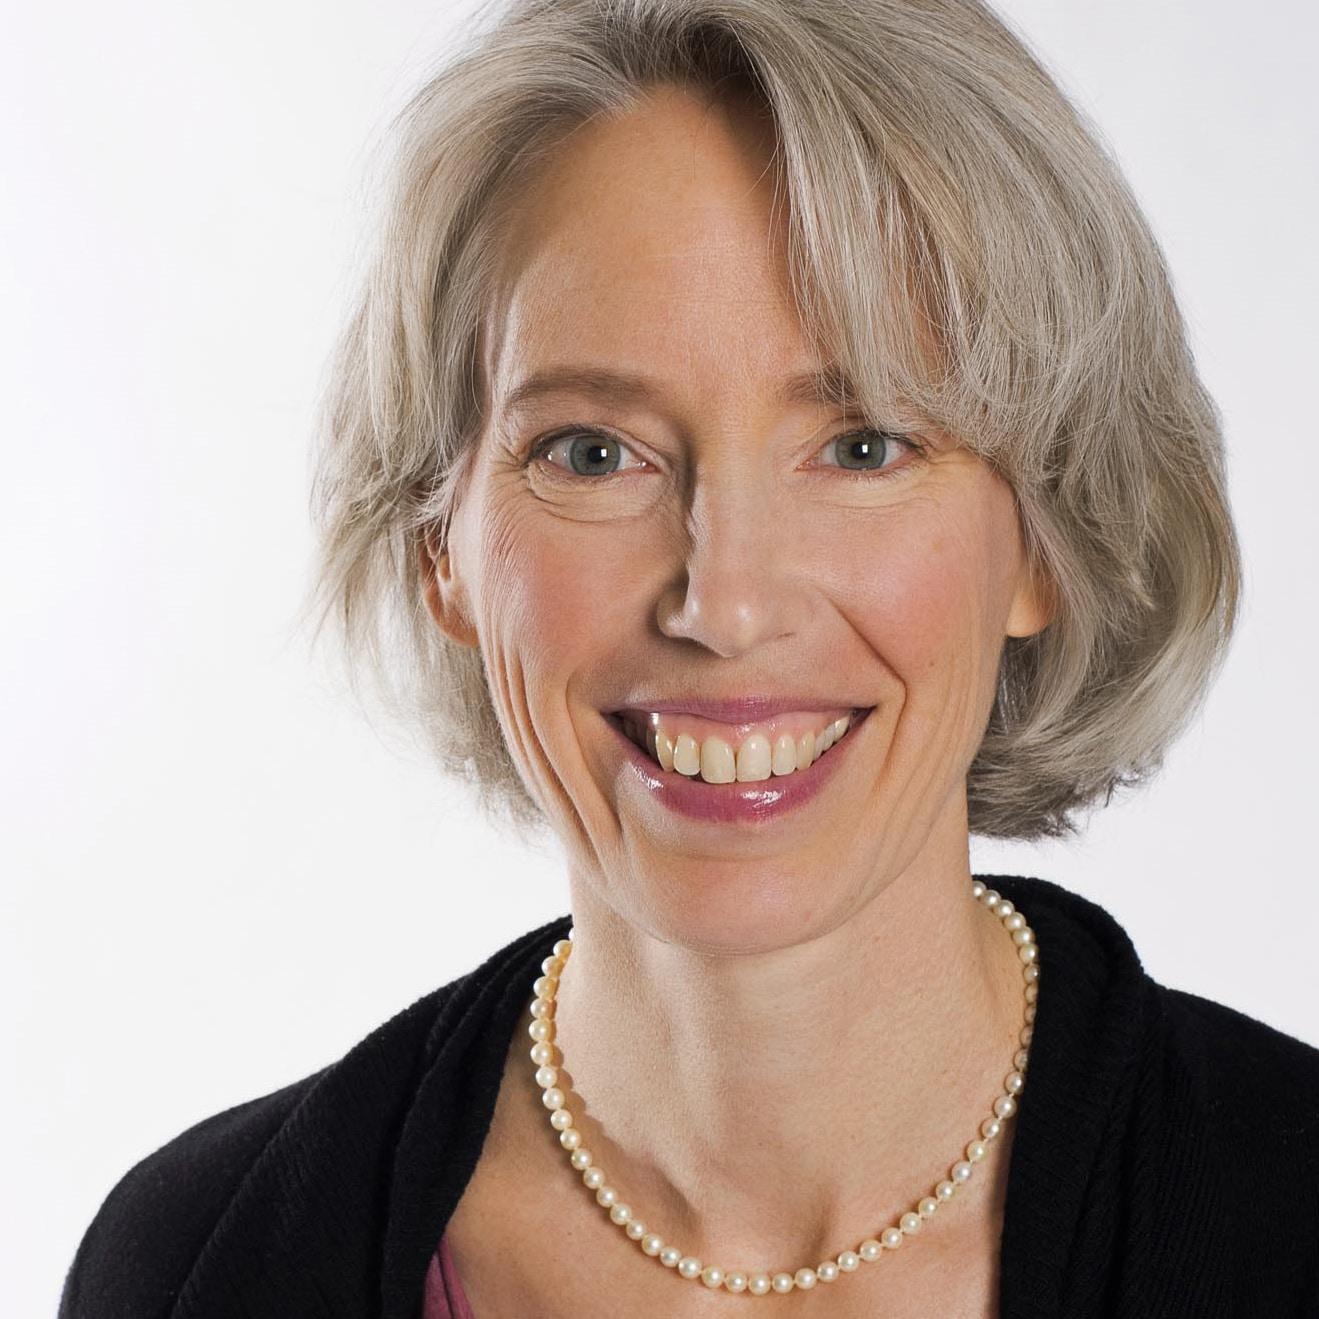 Dr. Franziska Wiebel